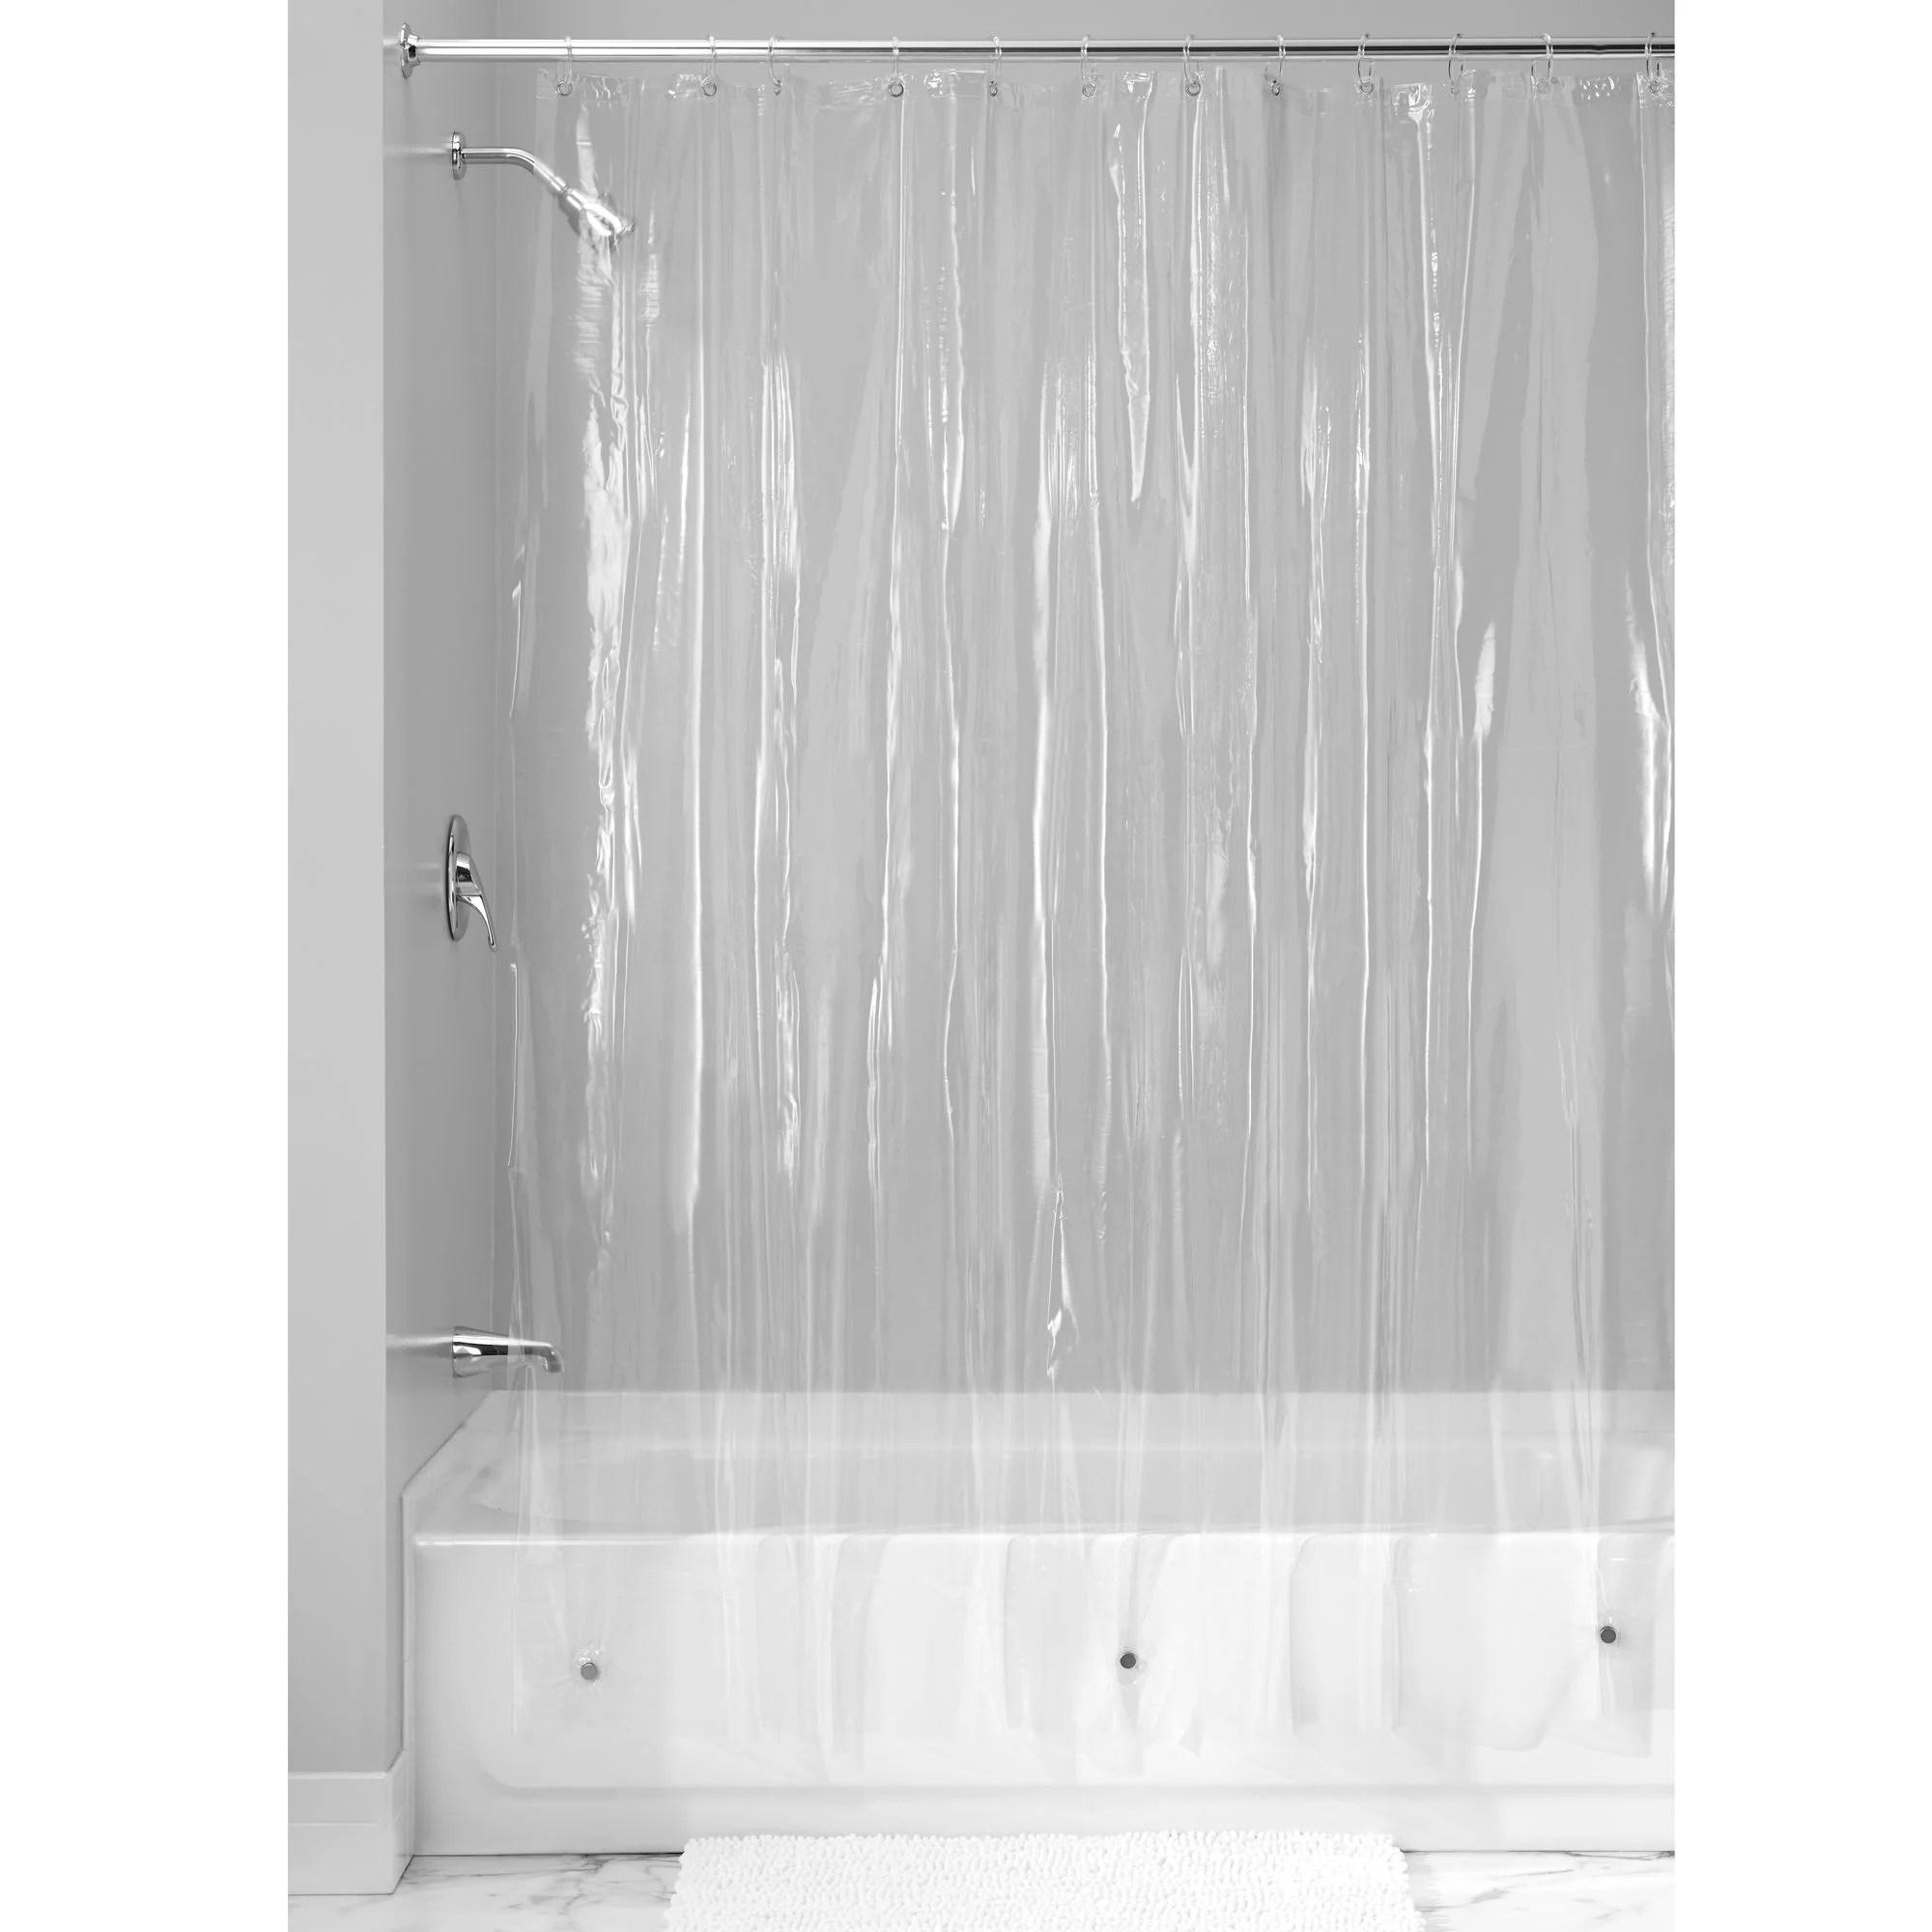 interdesign vinyl shower curtain liner standard 72 x 72 clear